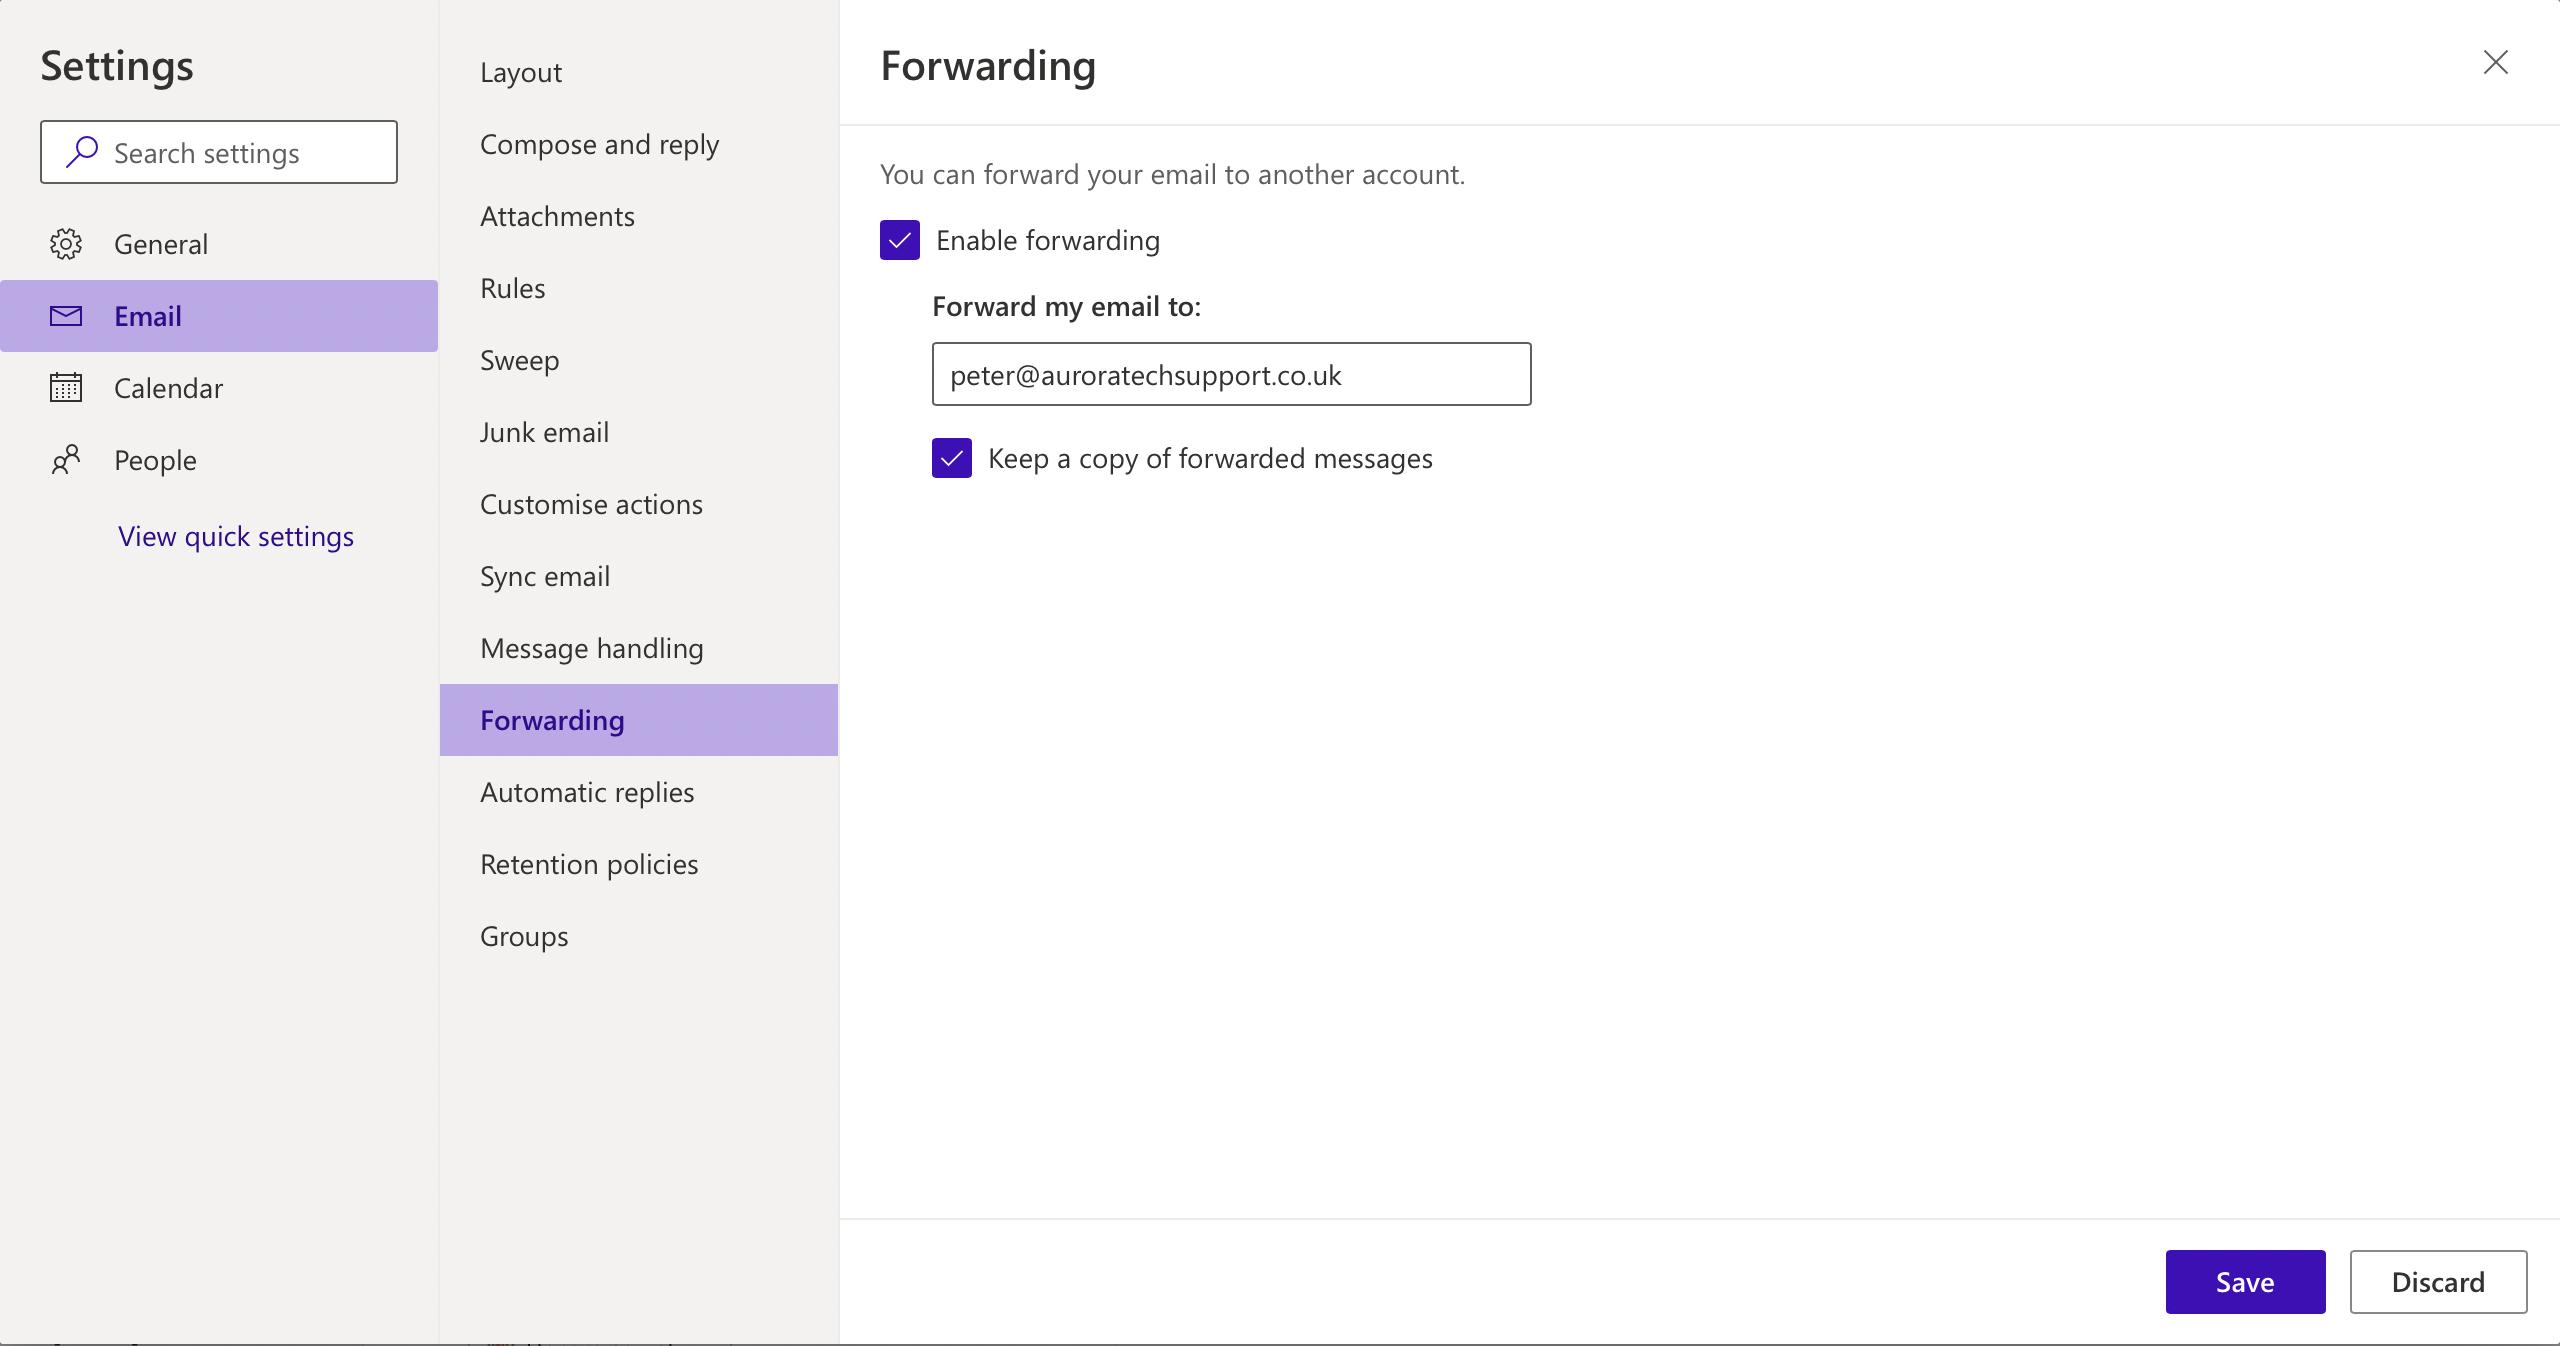 Microsoft 365 - Forwarding settings